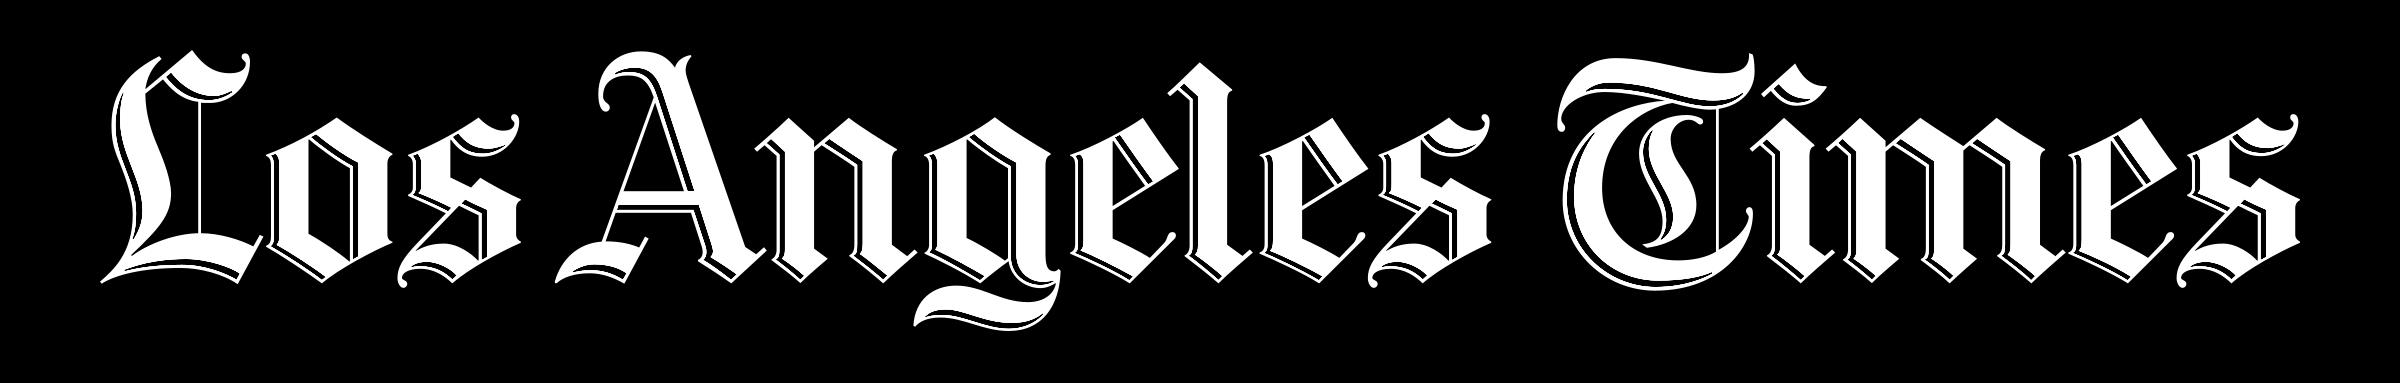 la times logo white